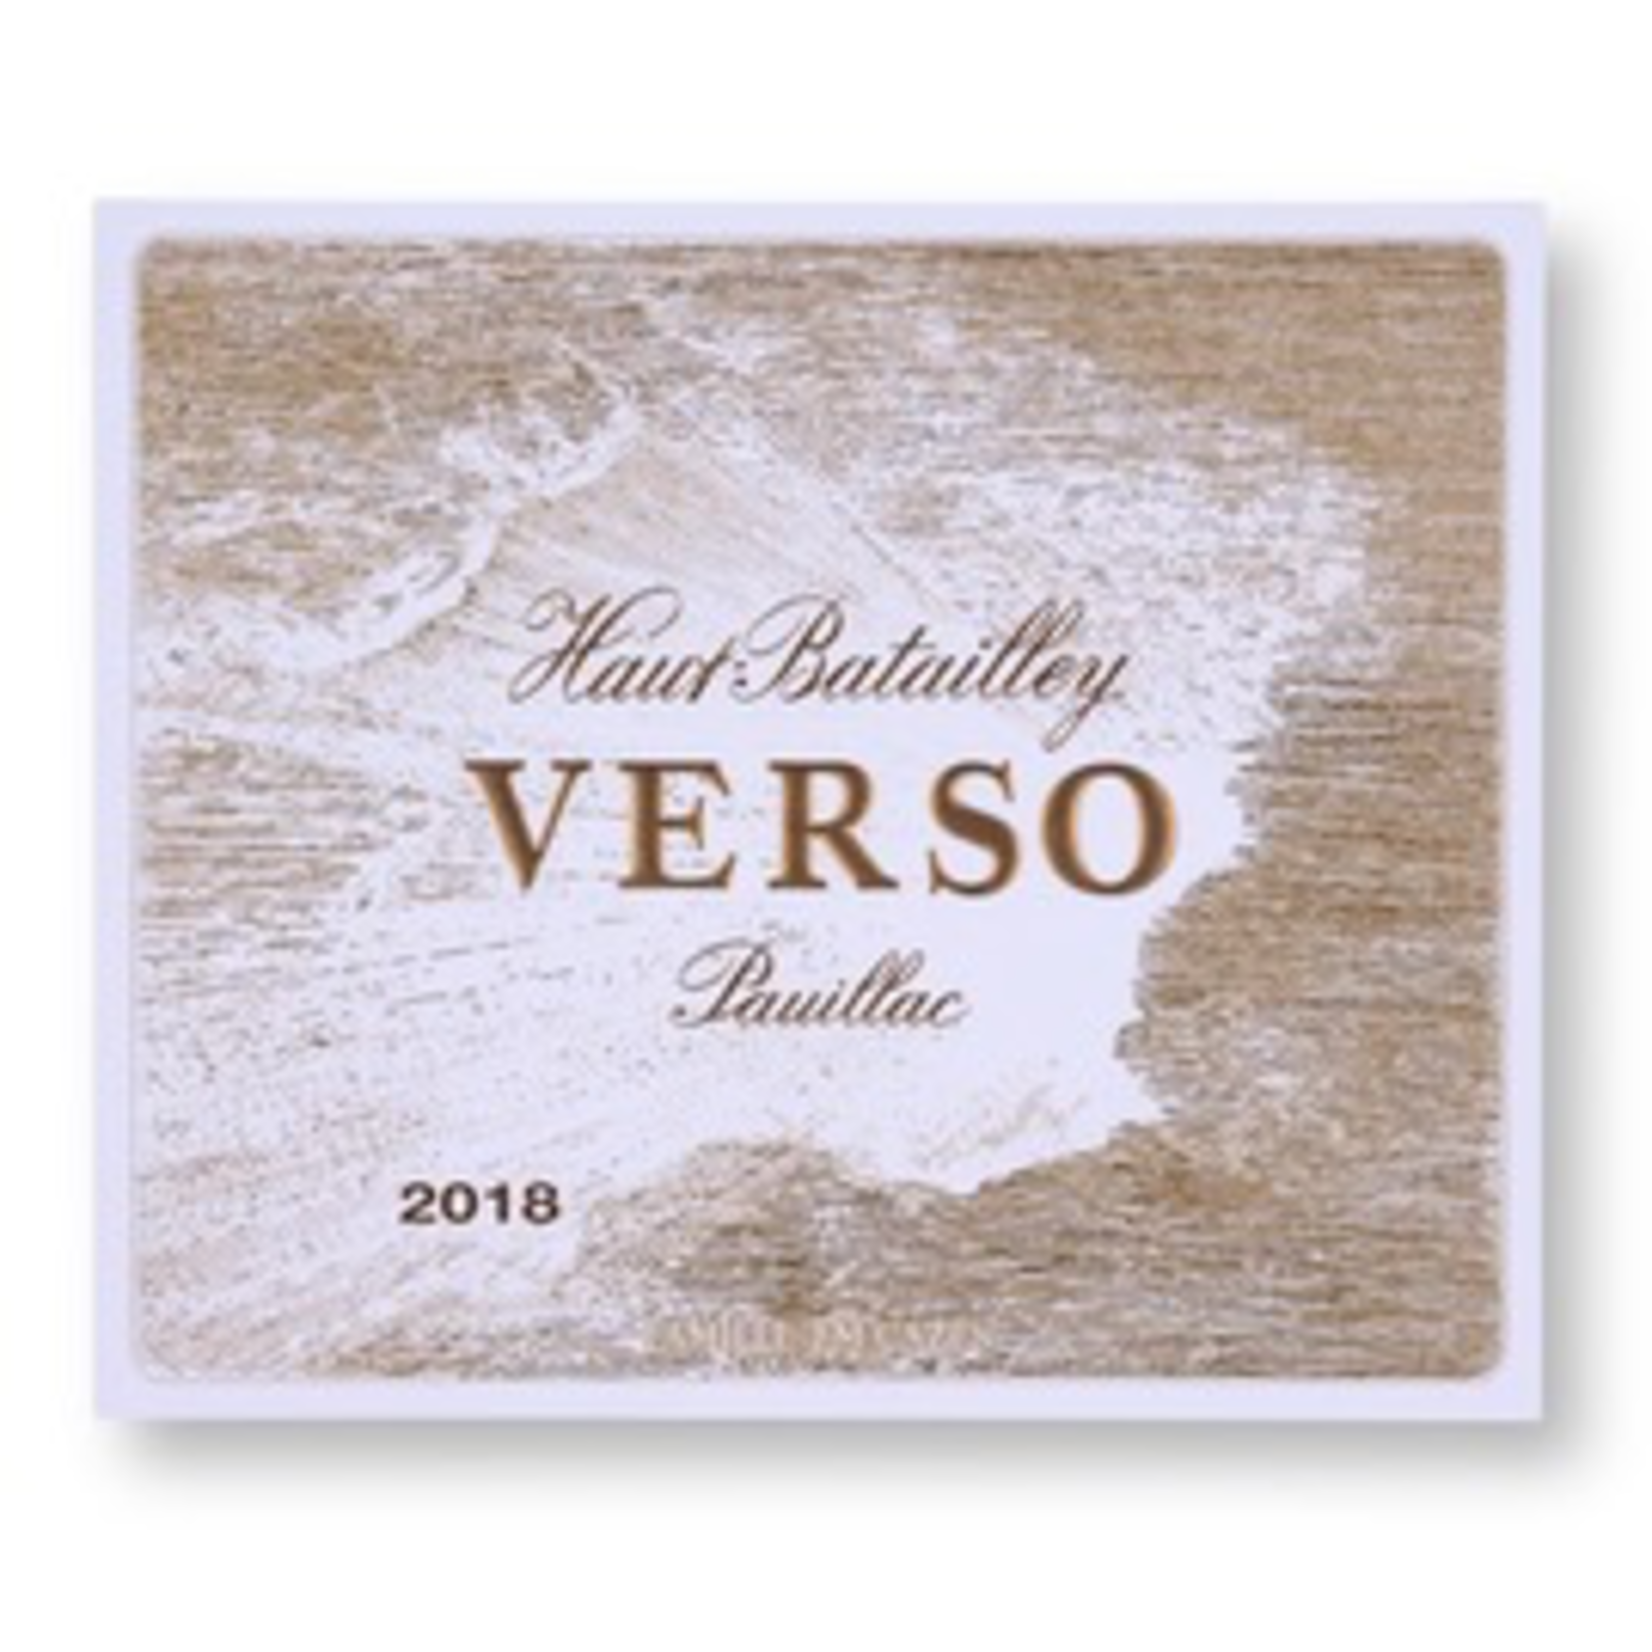 Chateau Haut-Batailley Pauillac Verso 2018 375ml